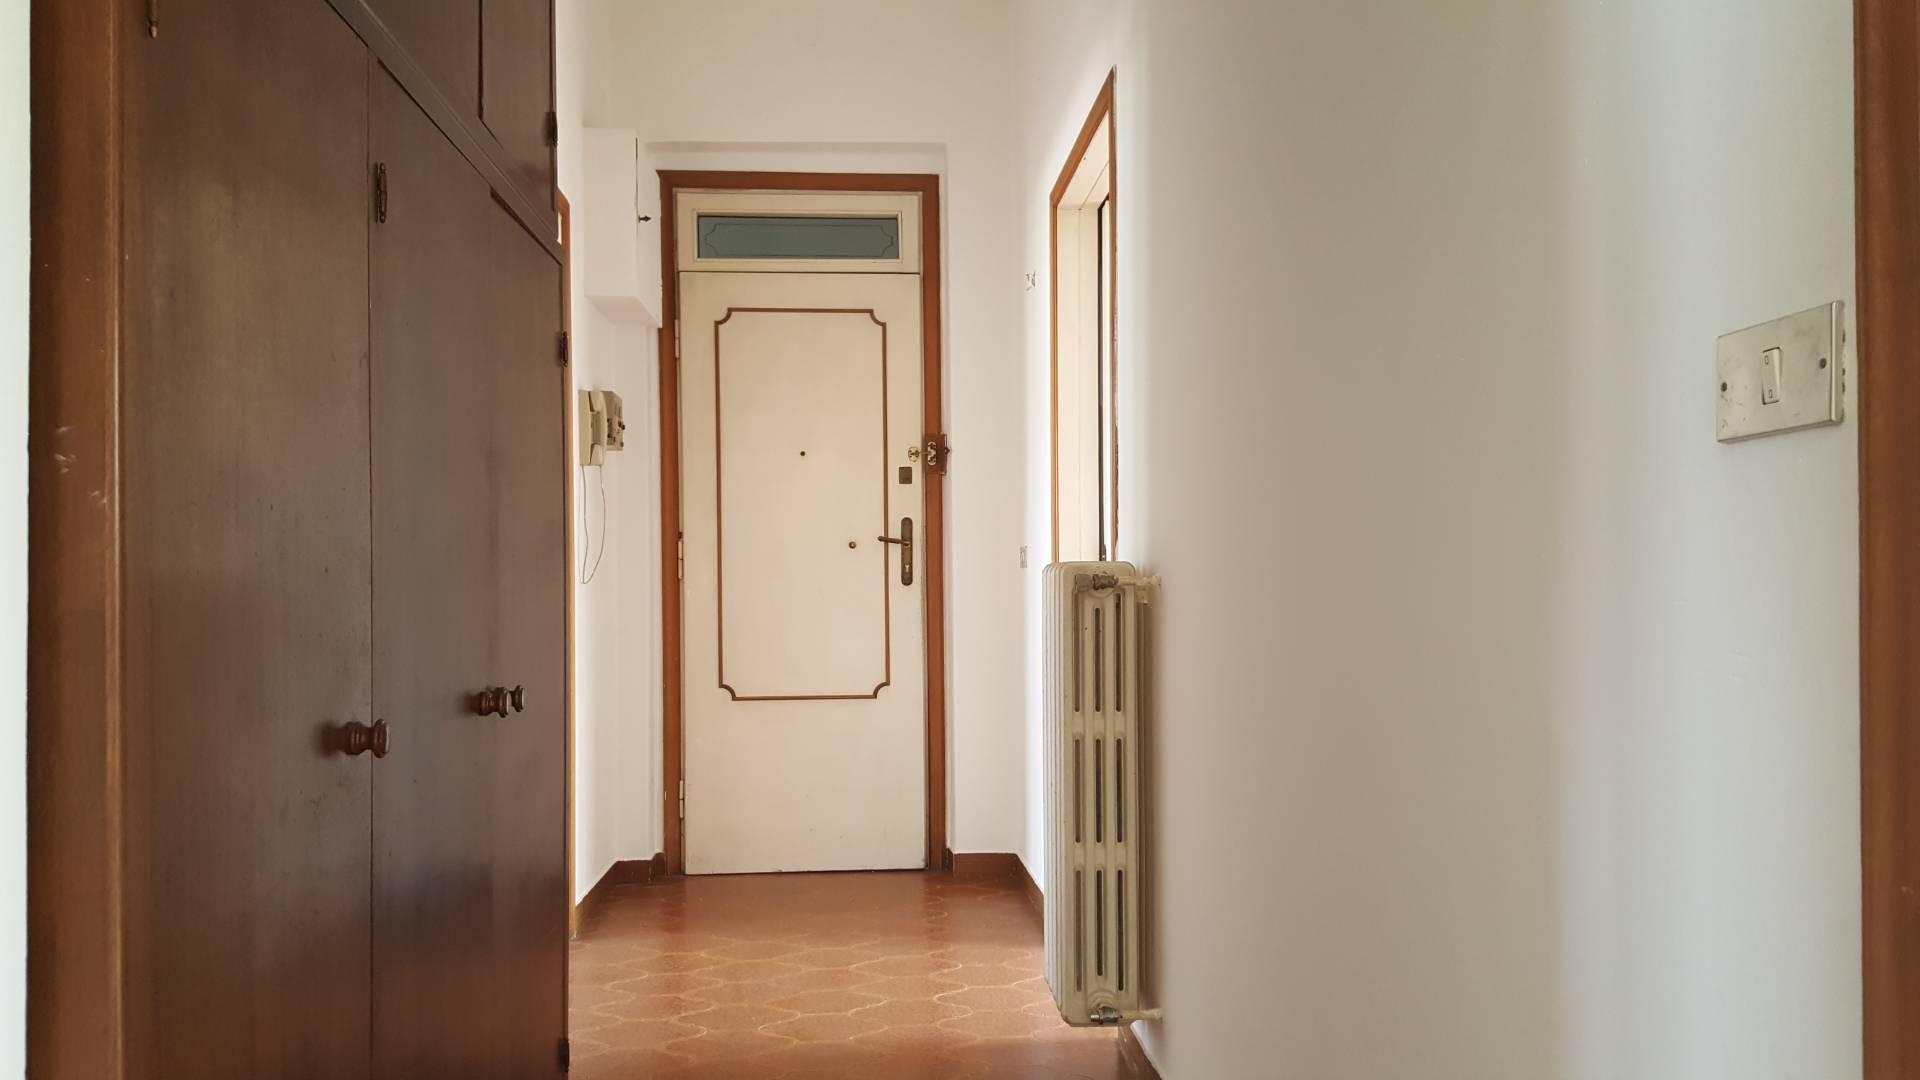 Appartamento in vendita a Castelfranco di Sotto, 4 locali, prezzo € 59.000 | PortaleAgenzieImmobiliari.it